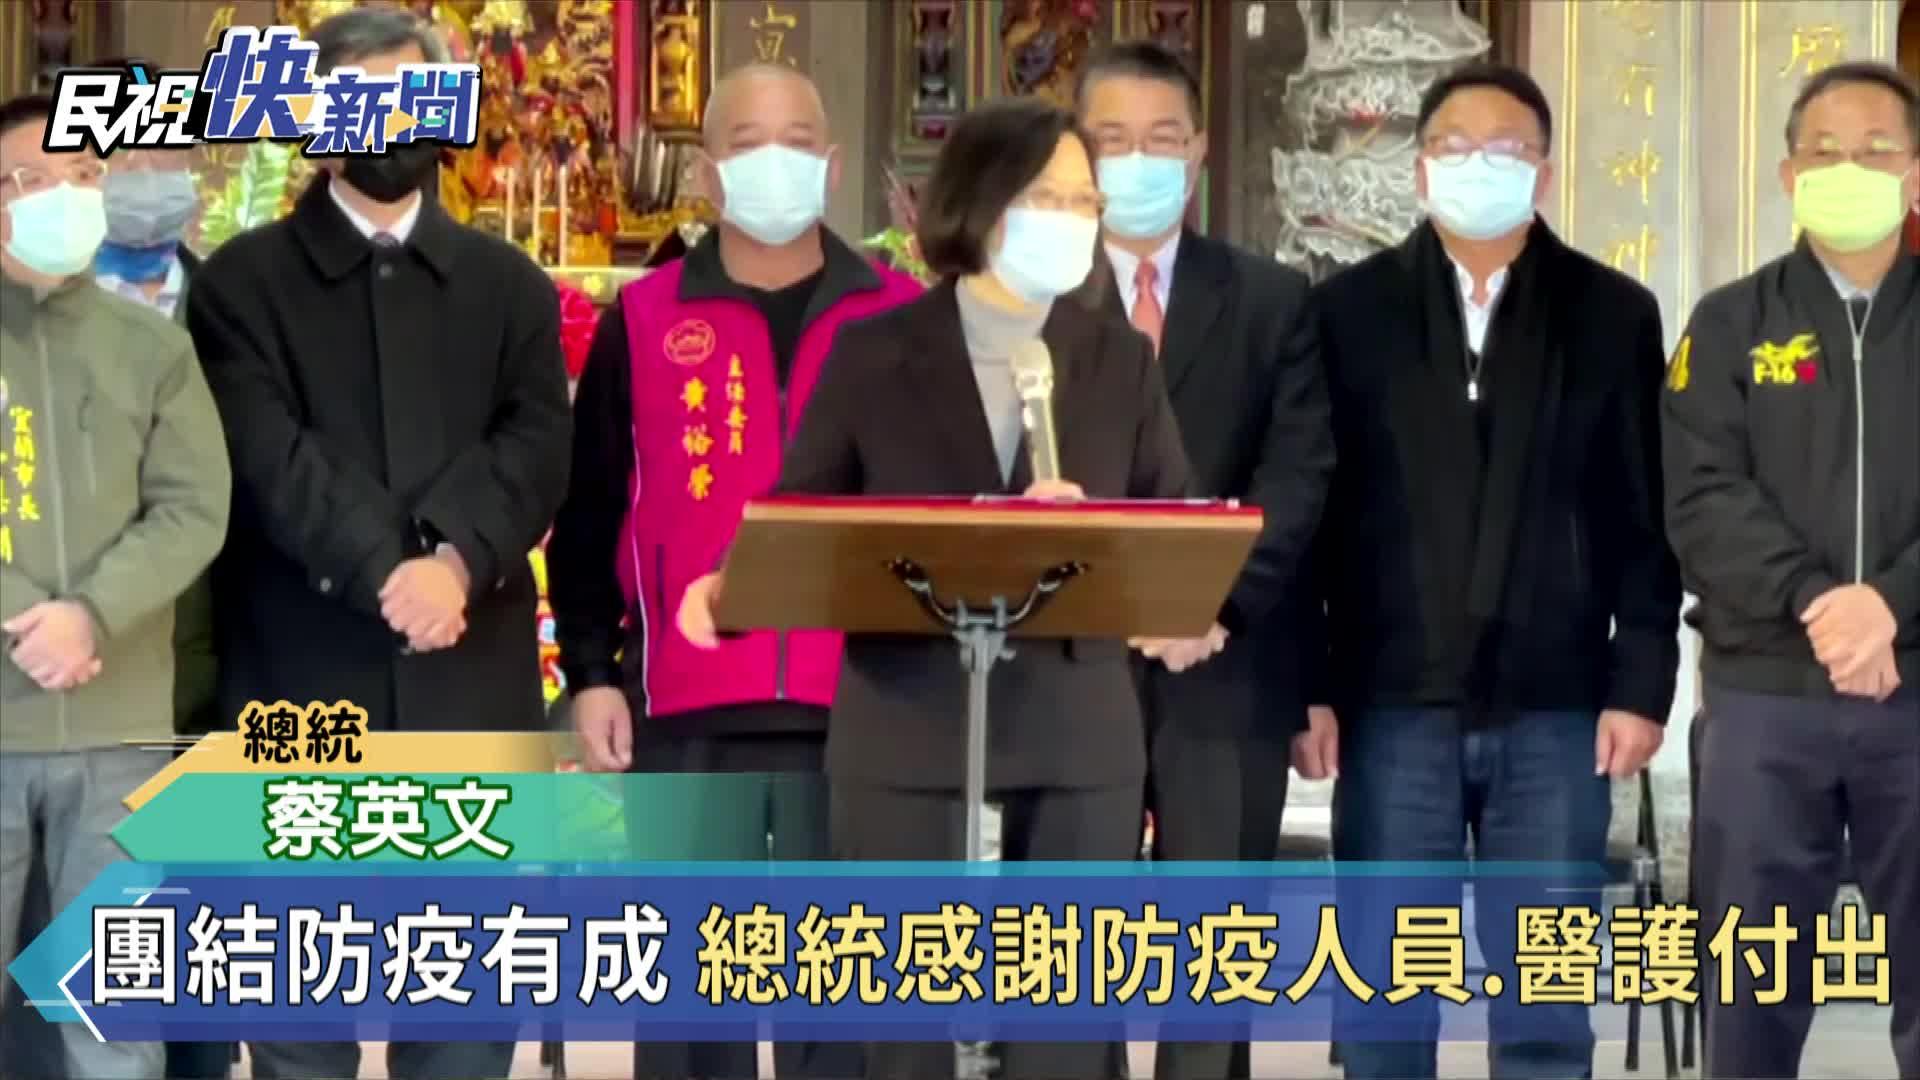 快新聞/蔡英文呼籲全民遵守防疫規定 「對醫護人員最大的支持」